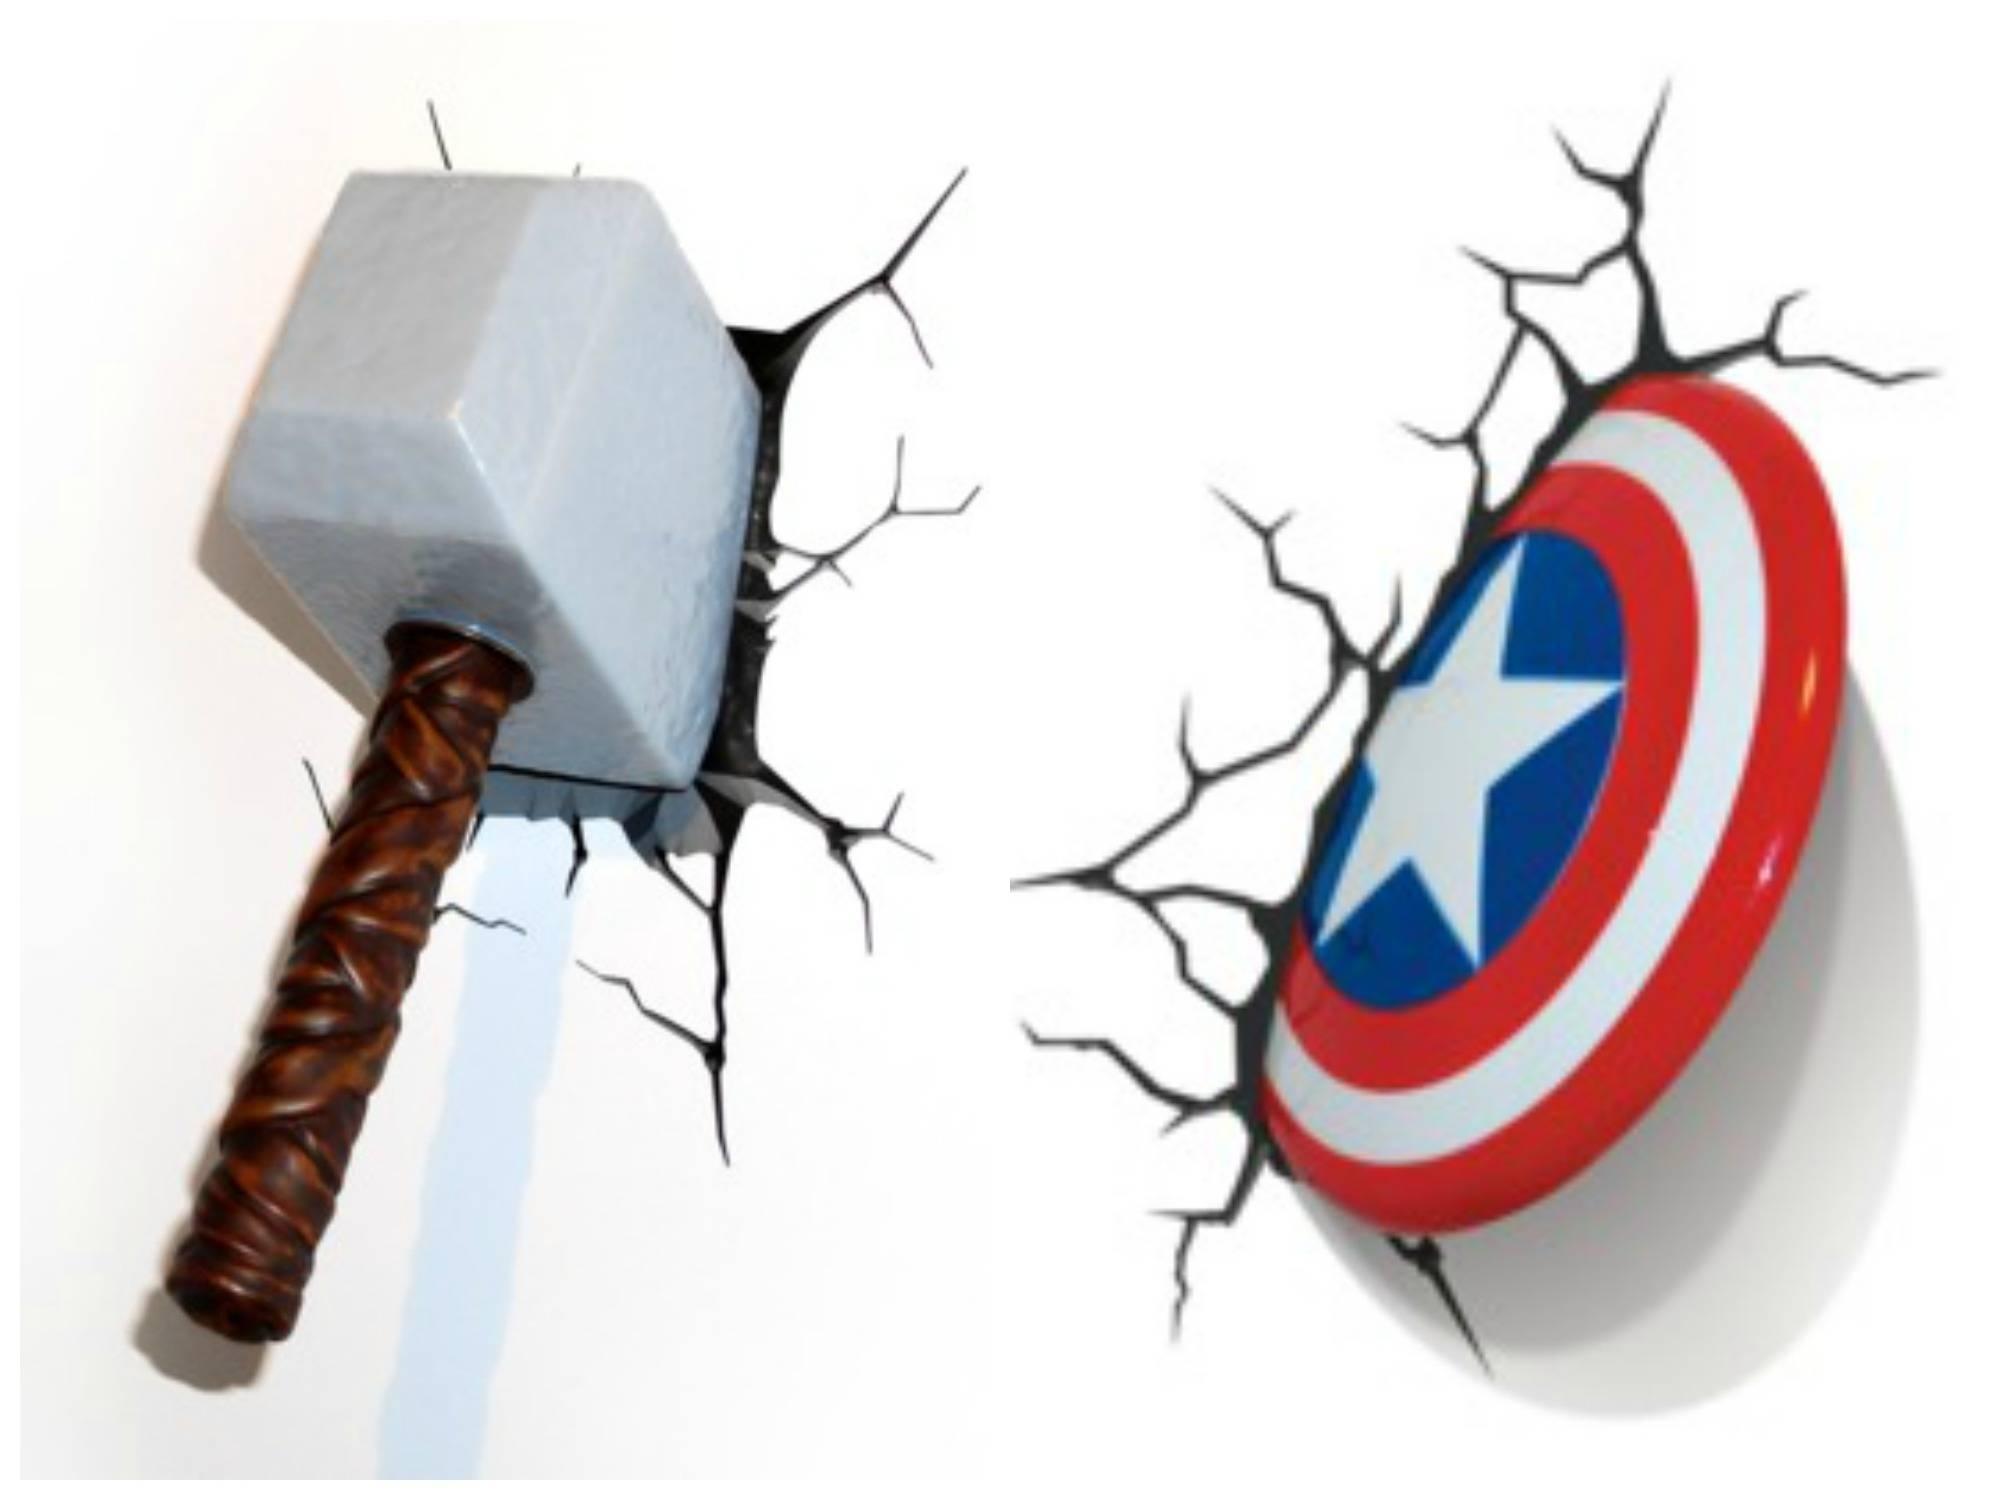 3D Wall Art Thor Hammer Night Light Uk | Wallartideas Inside Latest Thor Hammer 3D Wall Art (View 2 of 20)